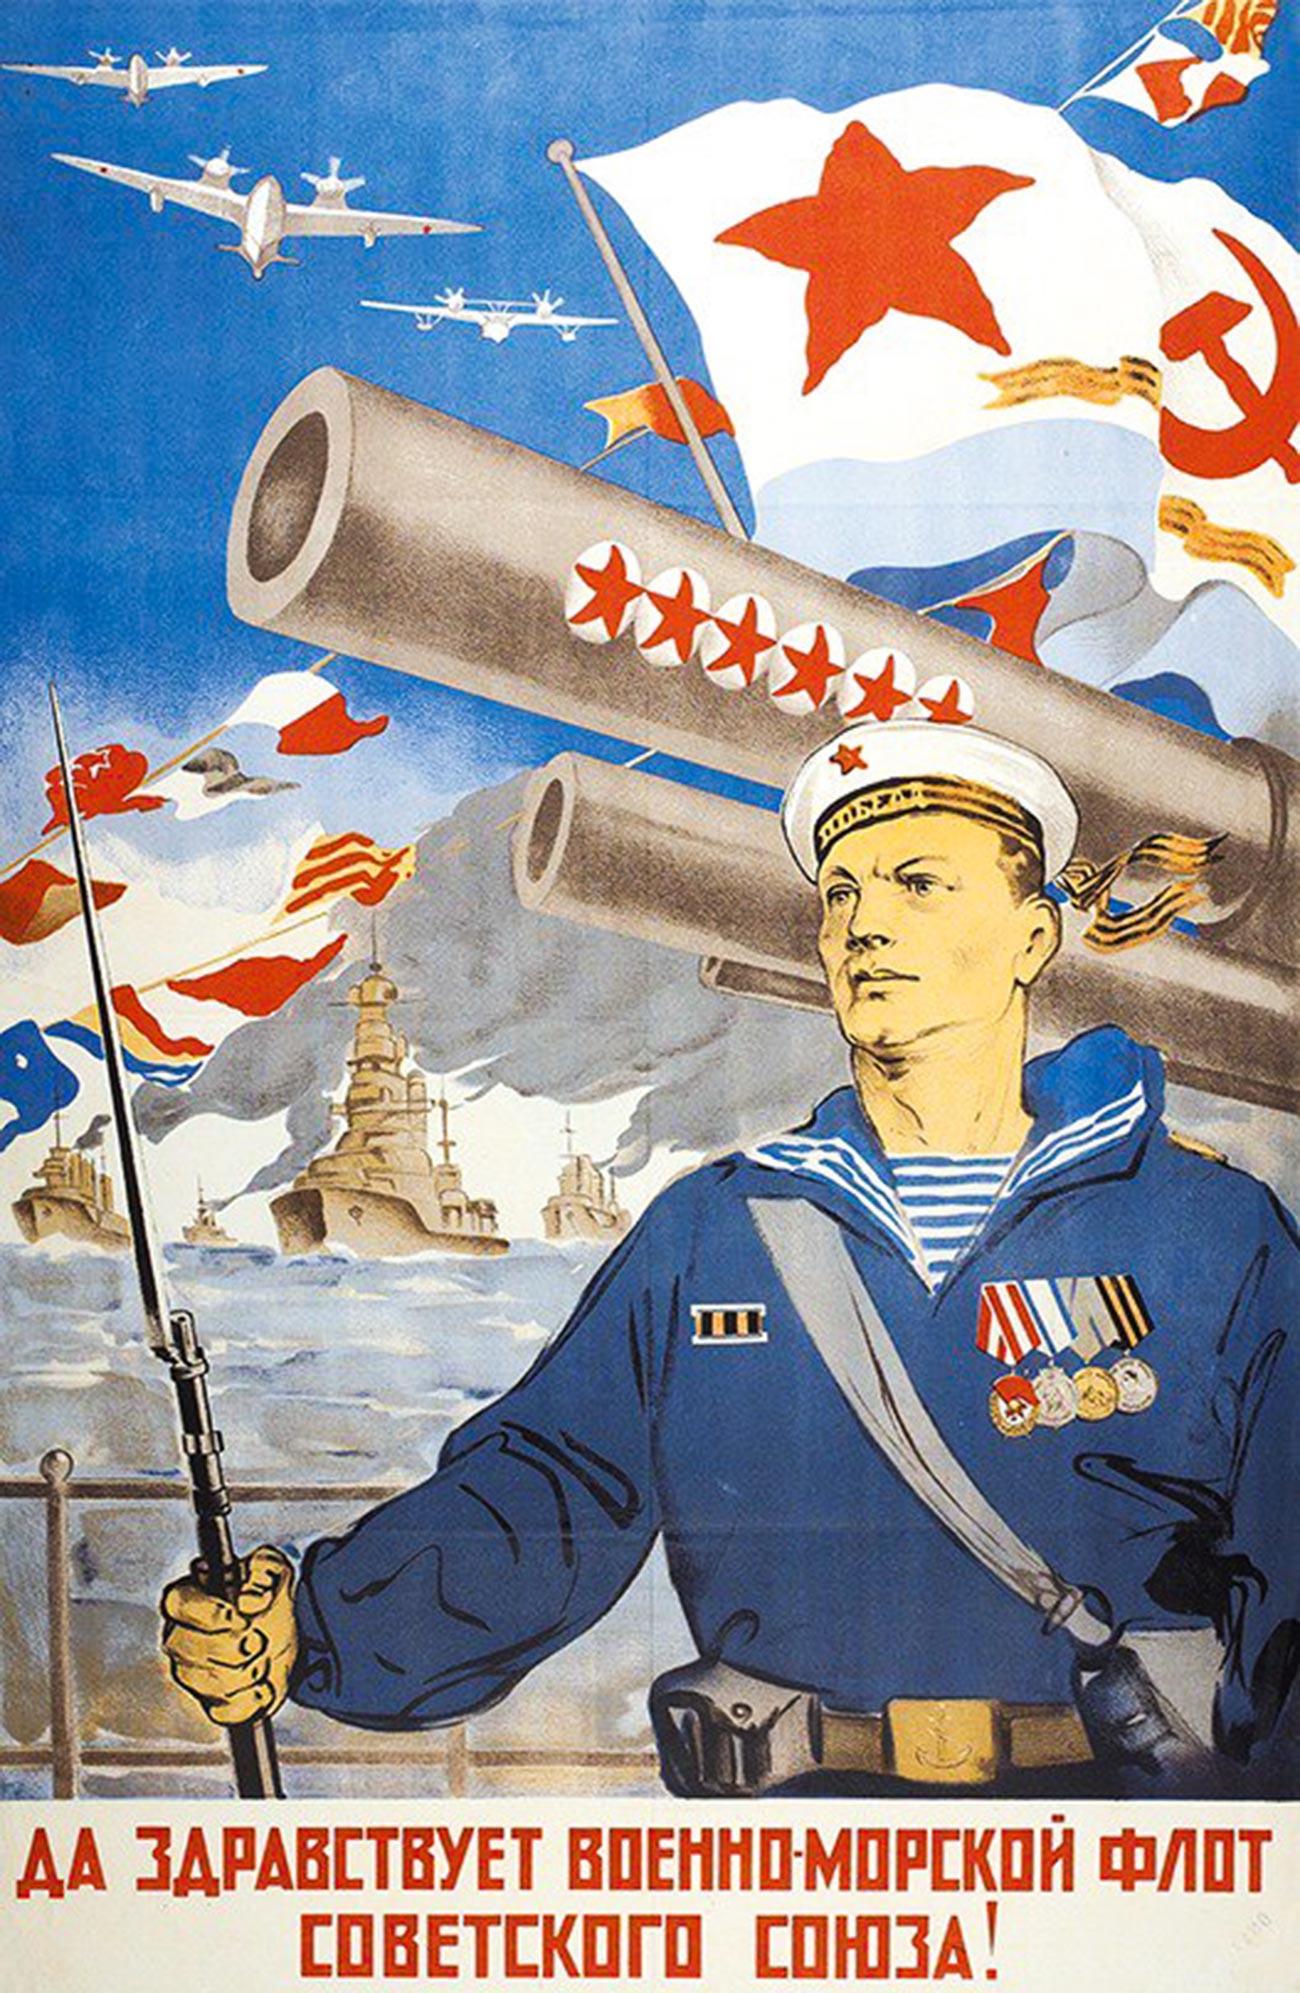 « Vive la marine de l'Union soviétique ! »